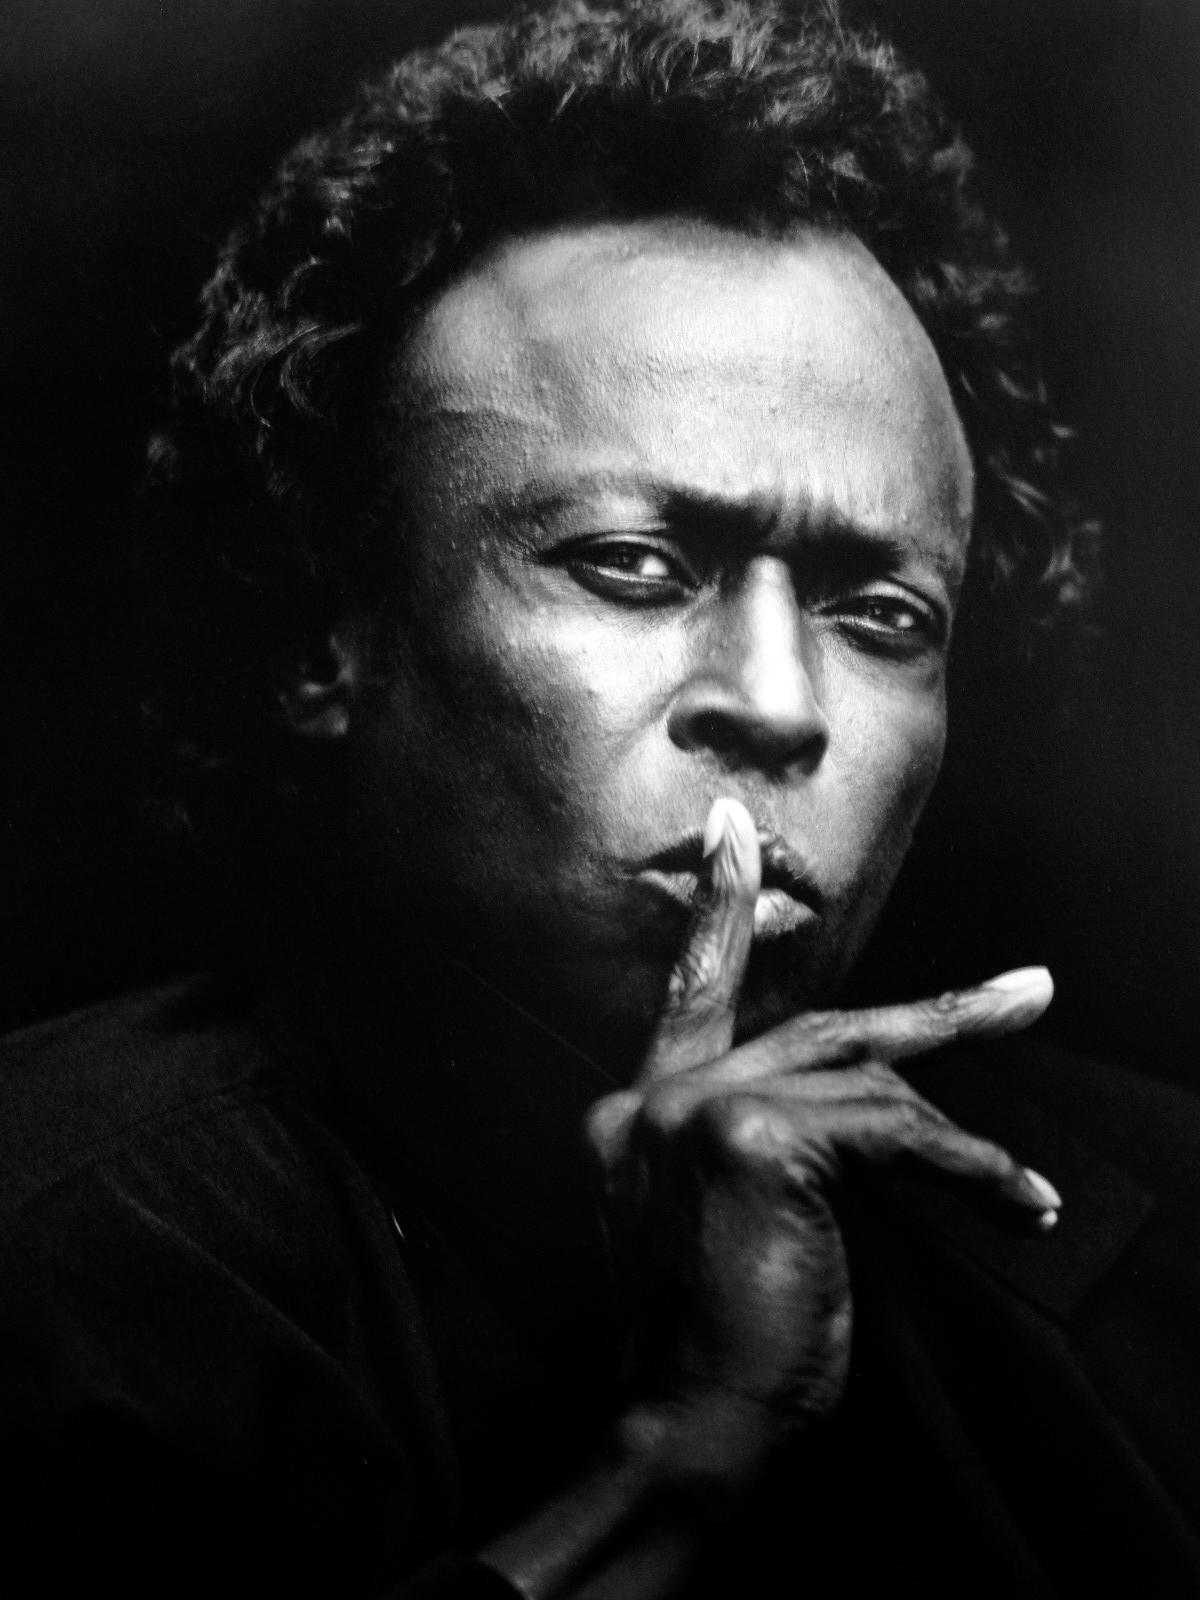 Miles Davis. His 'Kind of Blue' album has been described